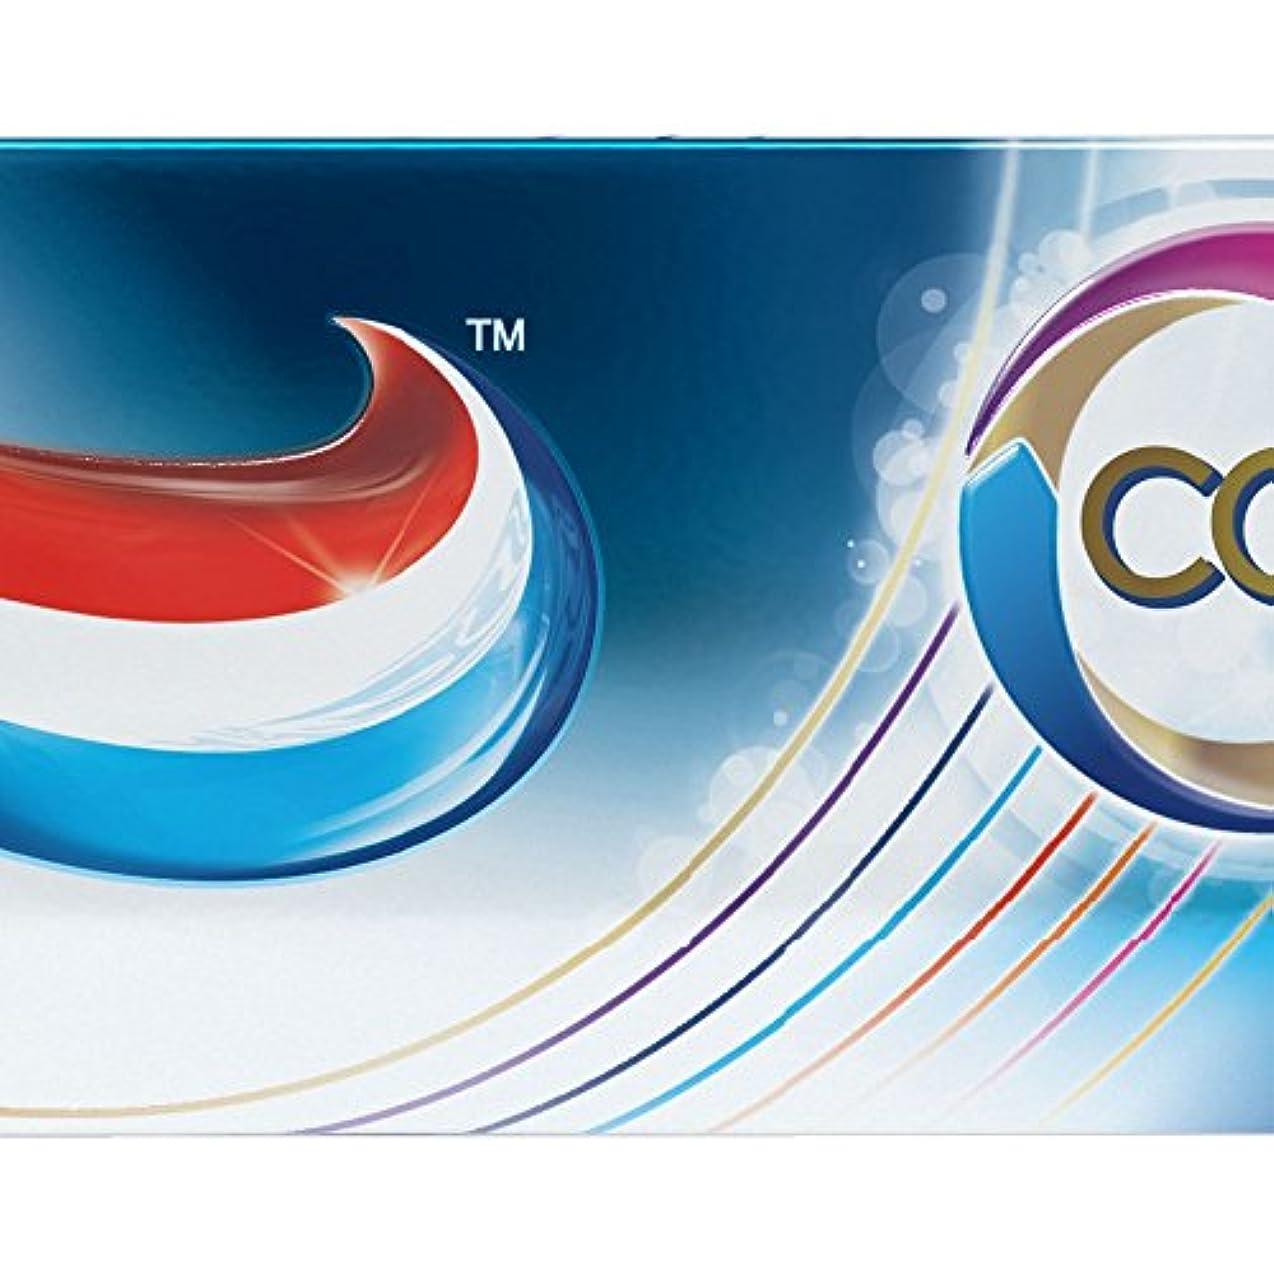 試験リーガン才能Aquafresh Complete Care Fluoride Toothpaste (75ml) アクアフレッシュコンプリートケアフッ化物歯磨き粉( 75ミリリットル) [並行輸入品]